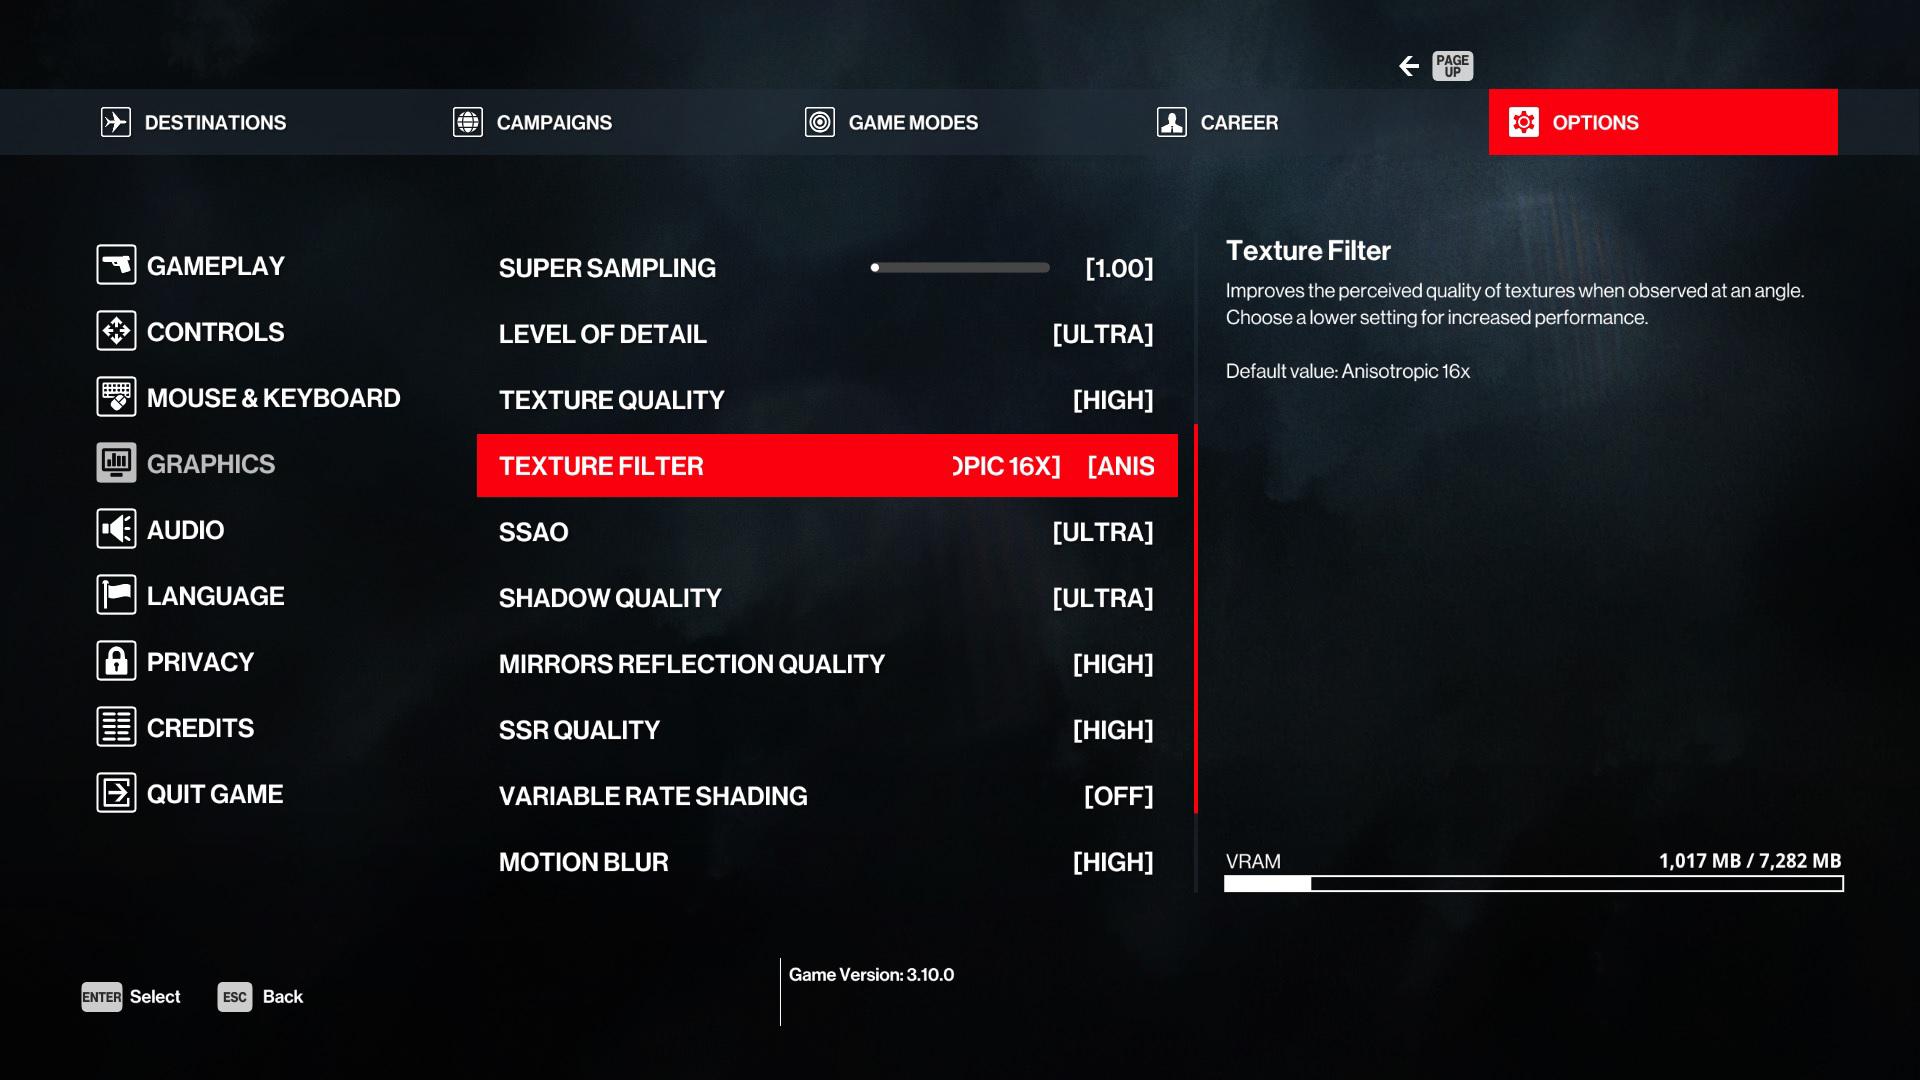 Final optimal settings